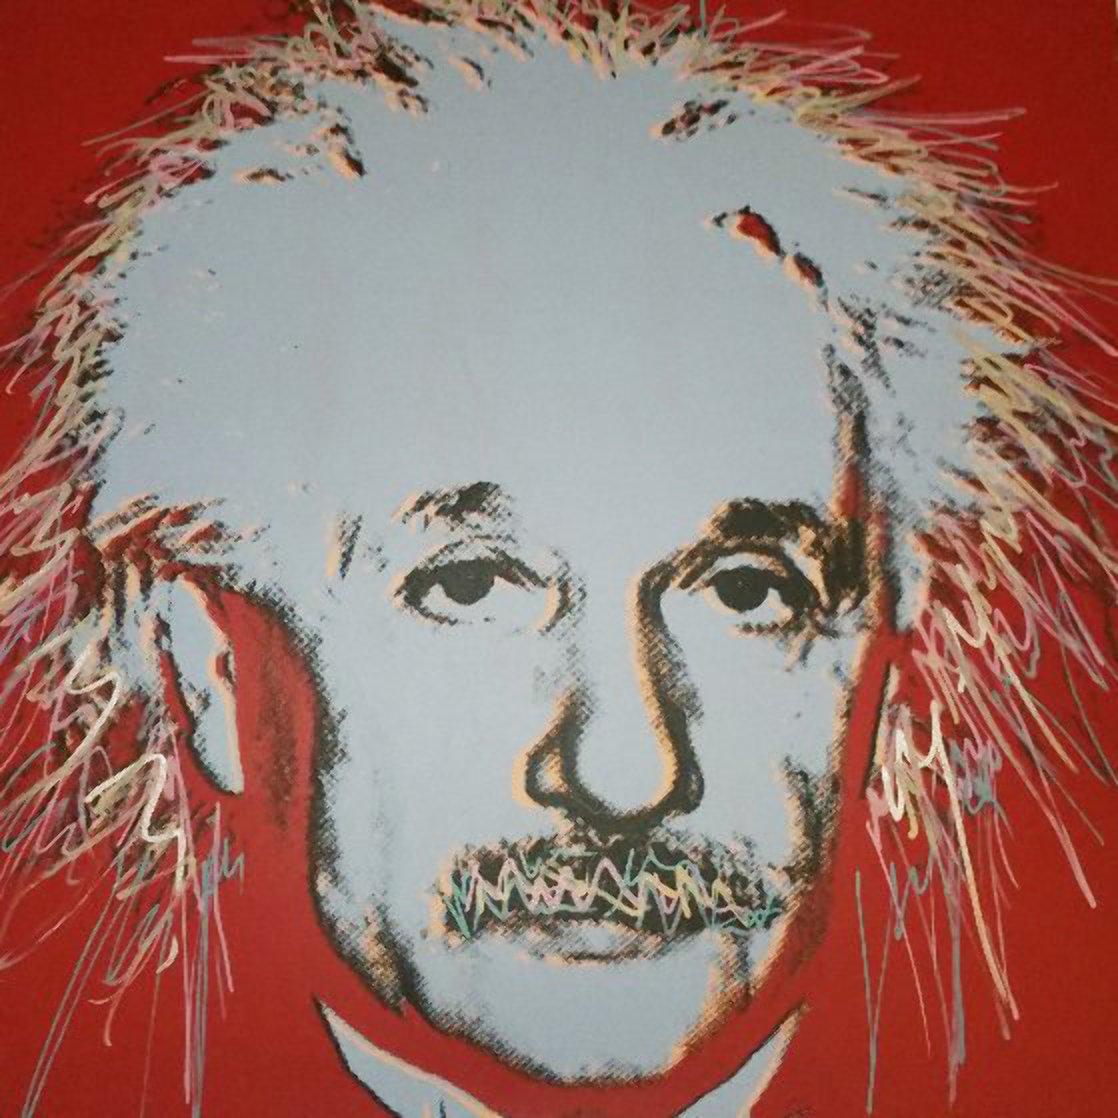 Einstein 44x35 Super Huge  Limited Edition Print by Steve Kaufman